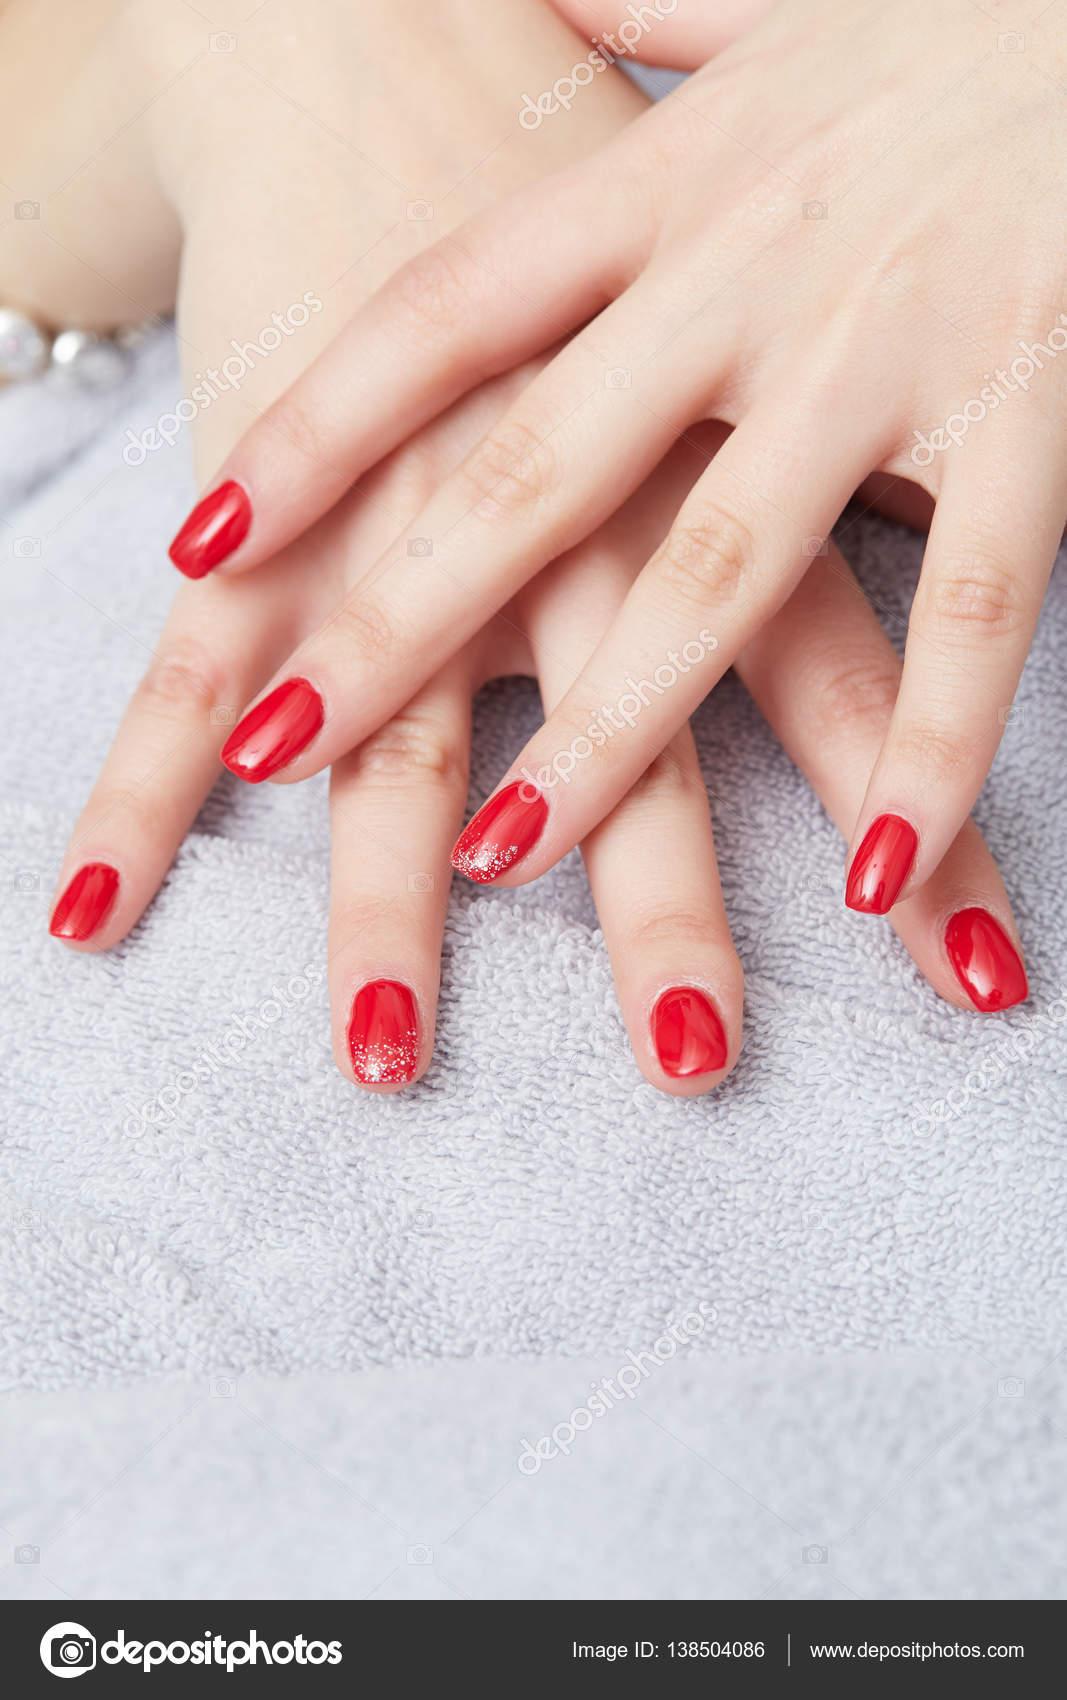 schöne Hand mit perfekten Nagel french Maniküre — Stockfoto ...